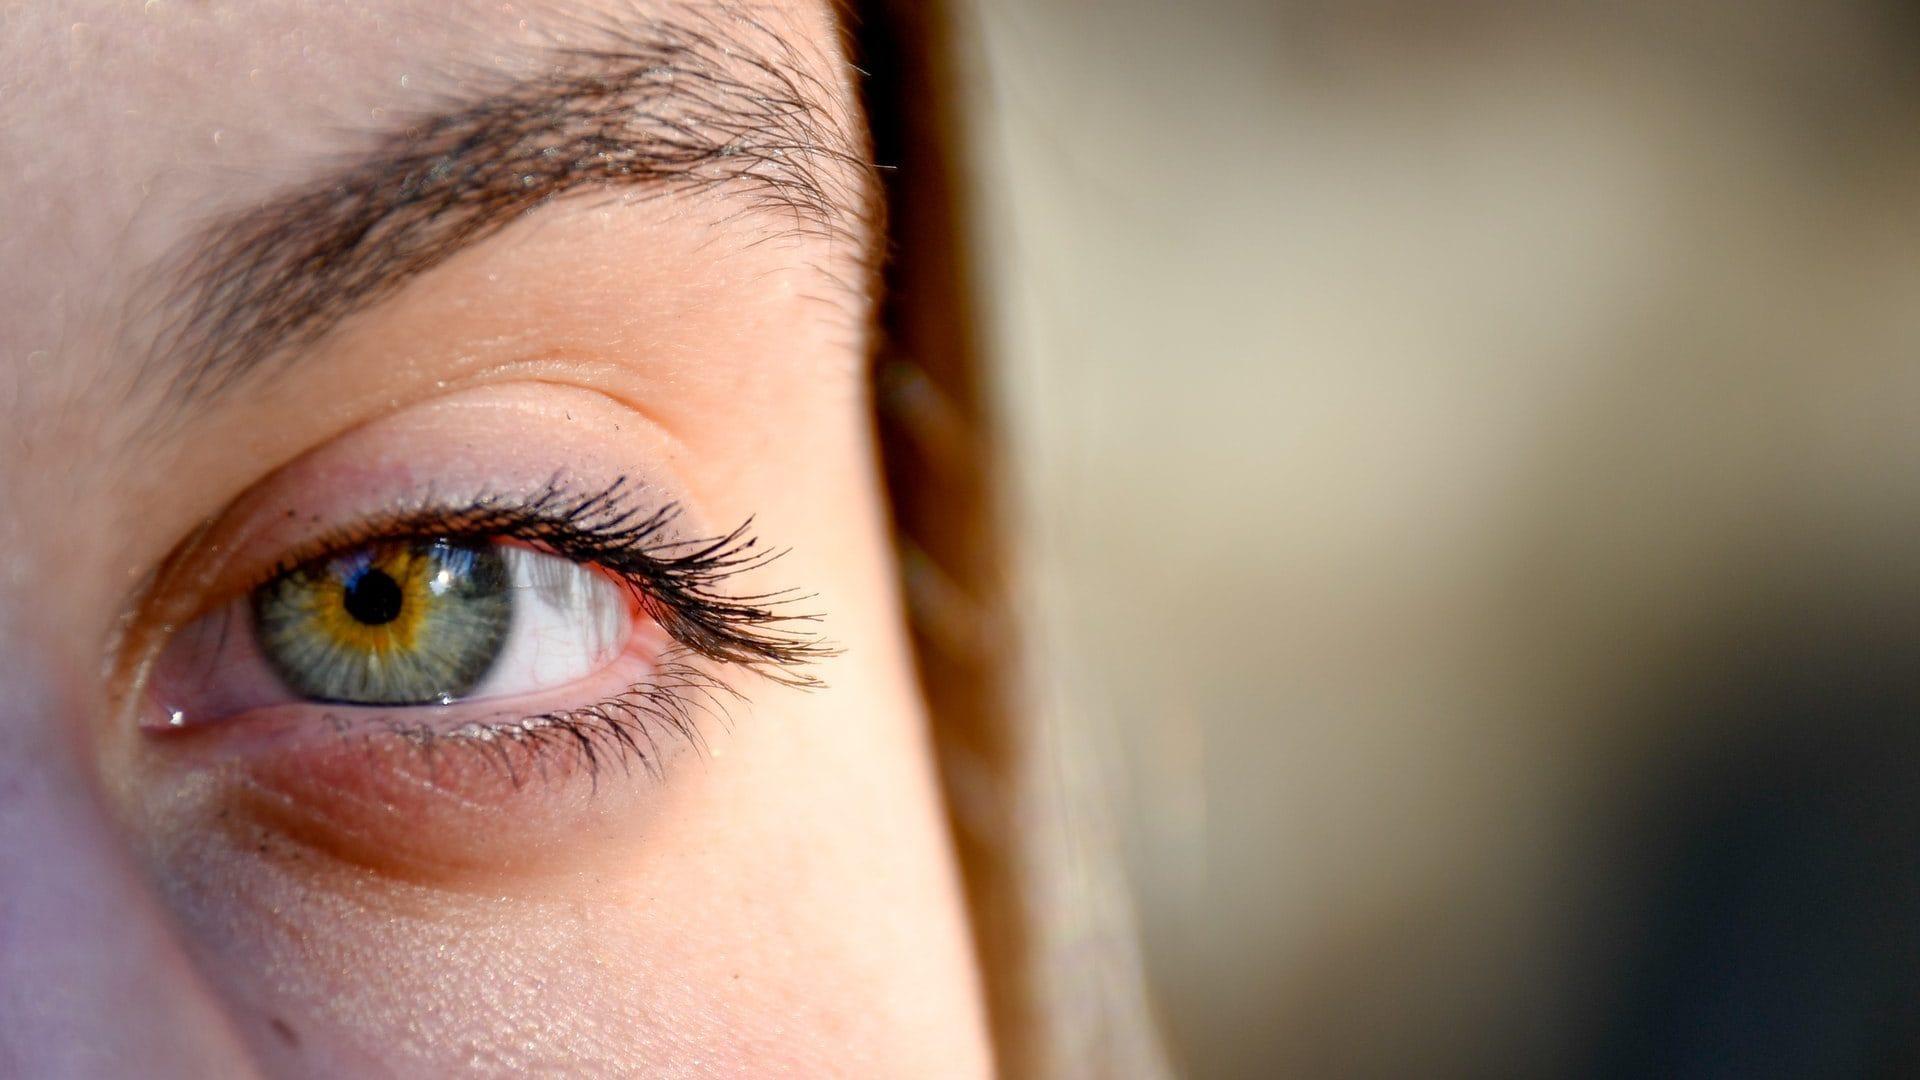 Blauw/groen oog in close up, vooraanzicht